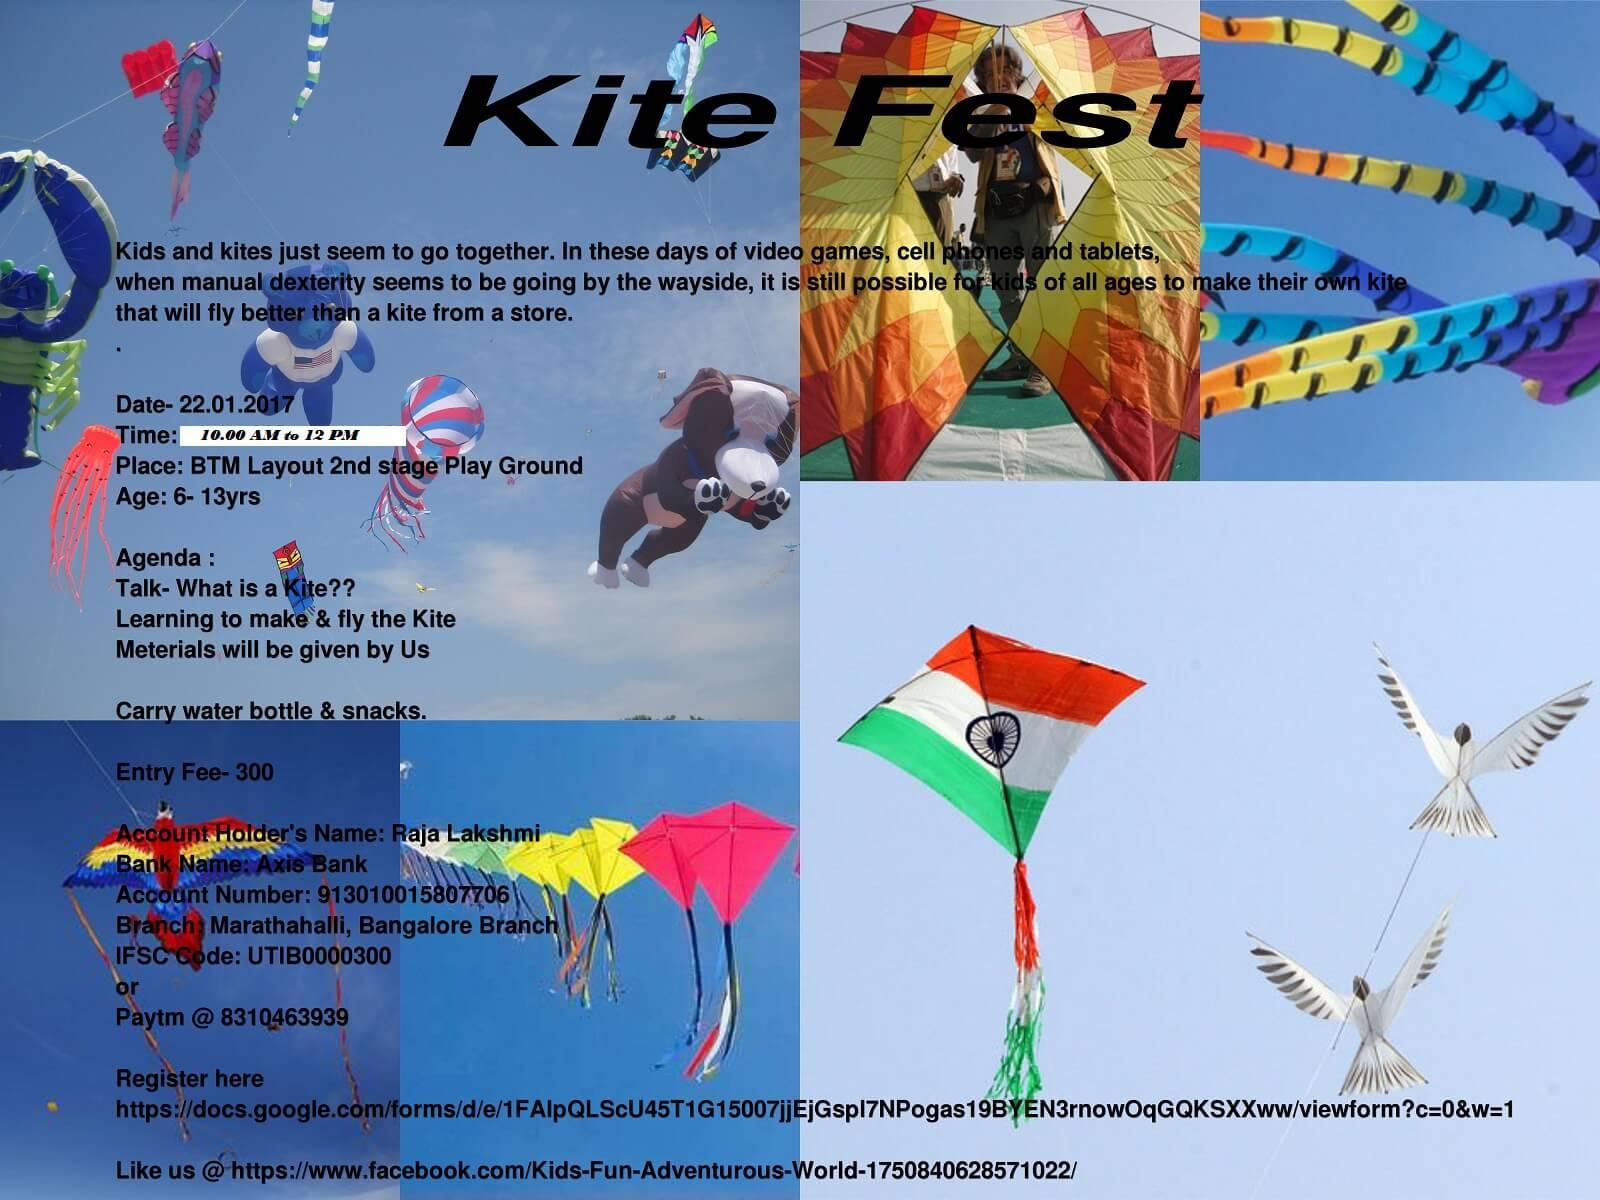 Kite Fest 2017 Cover Image